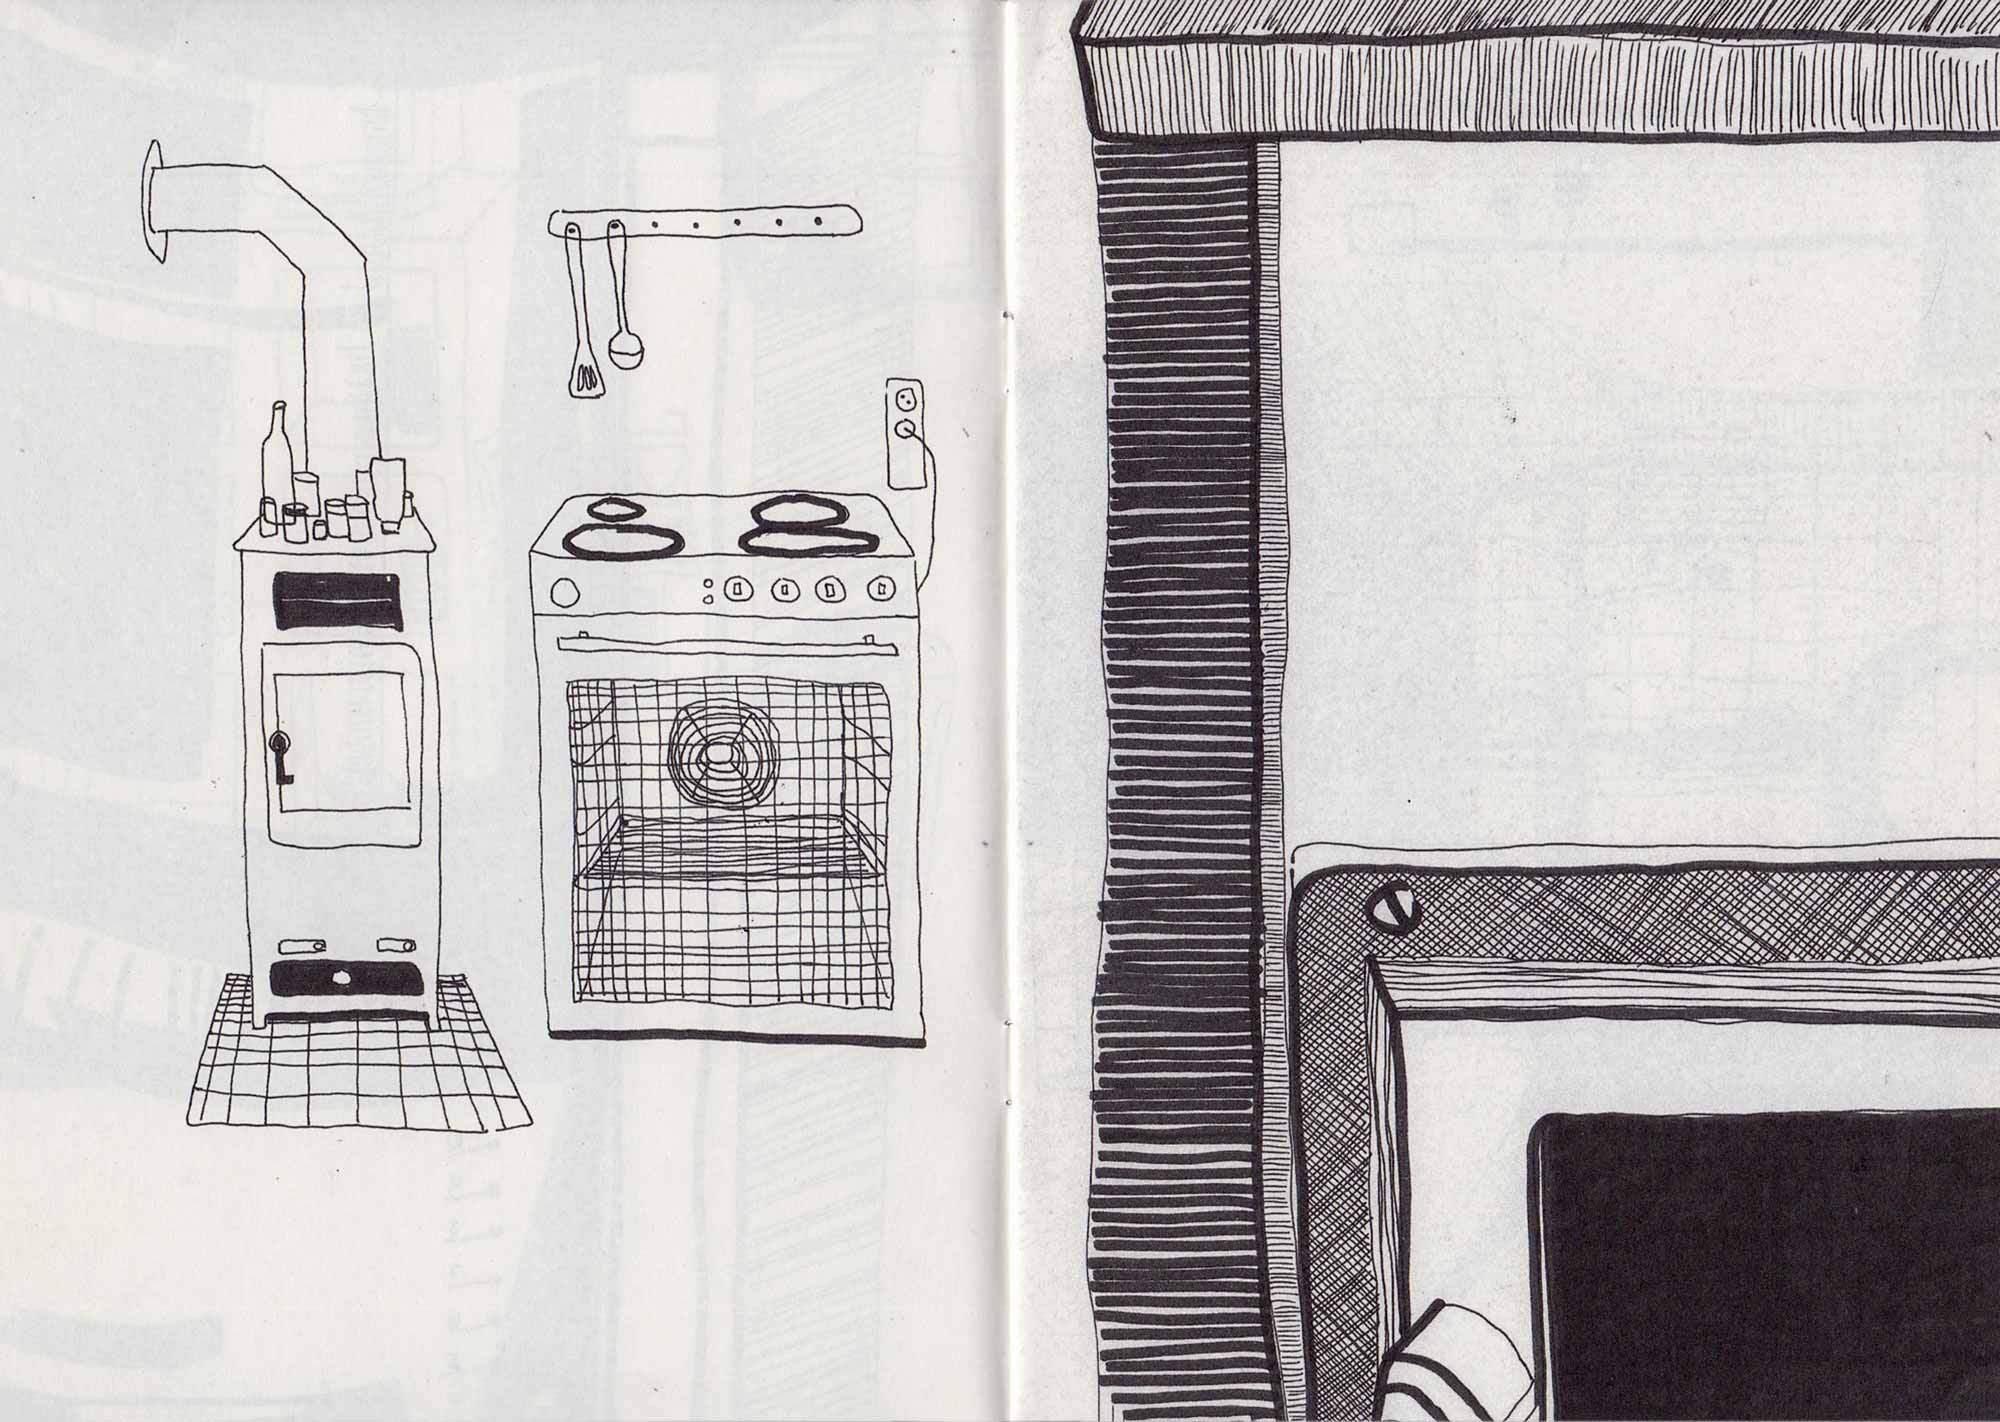 13-18-Scan-Print-16aus1337-4-web